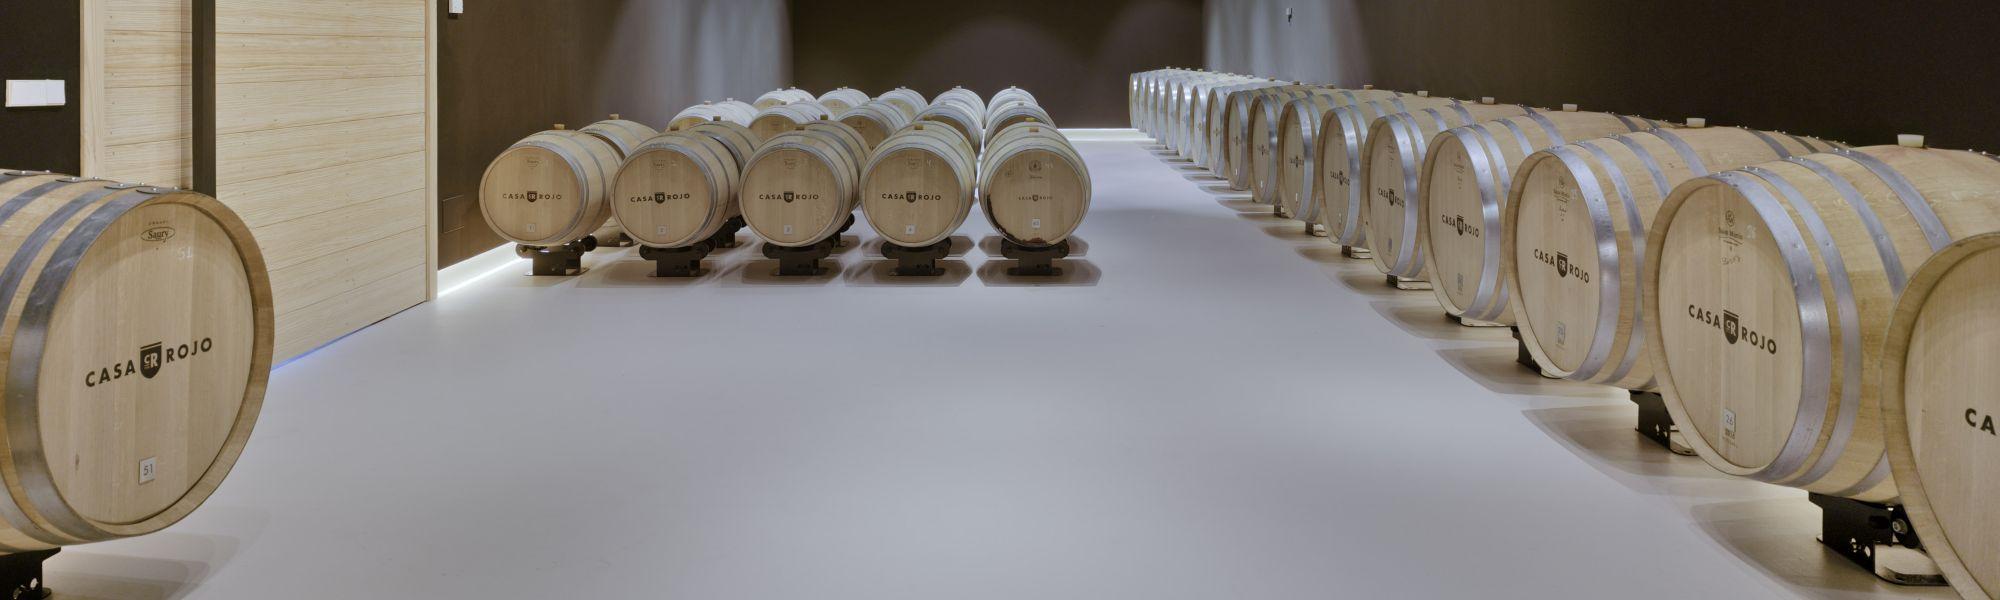 Weingut Casa Rojo Spanien Lager Fässer